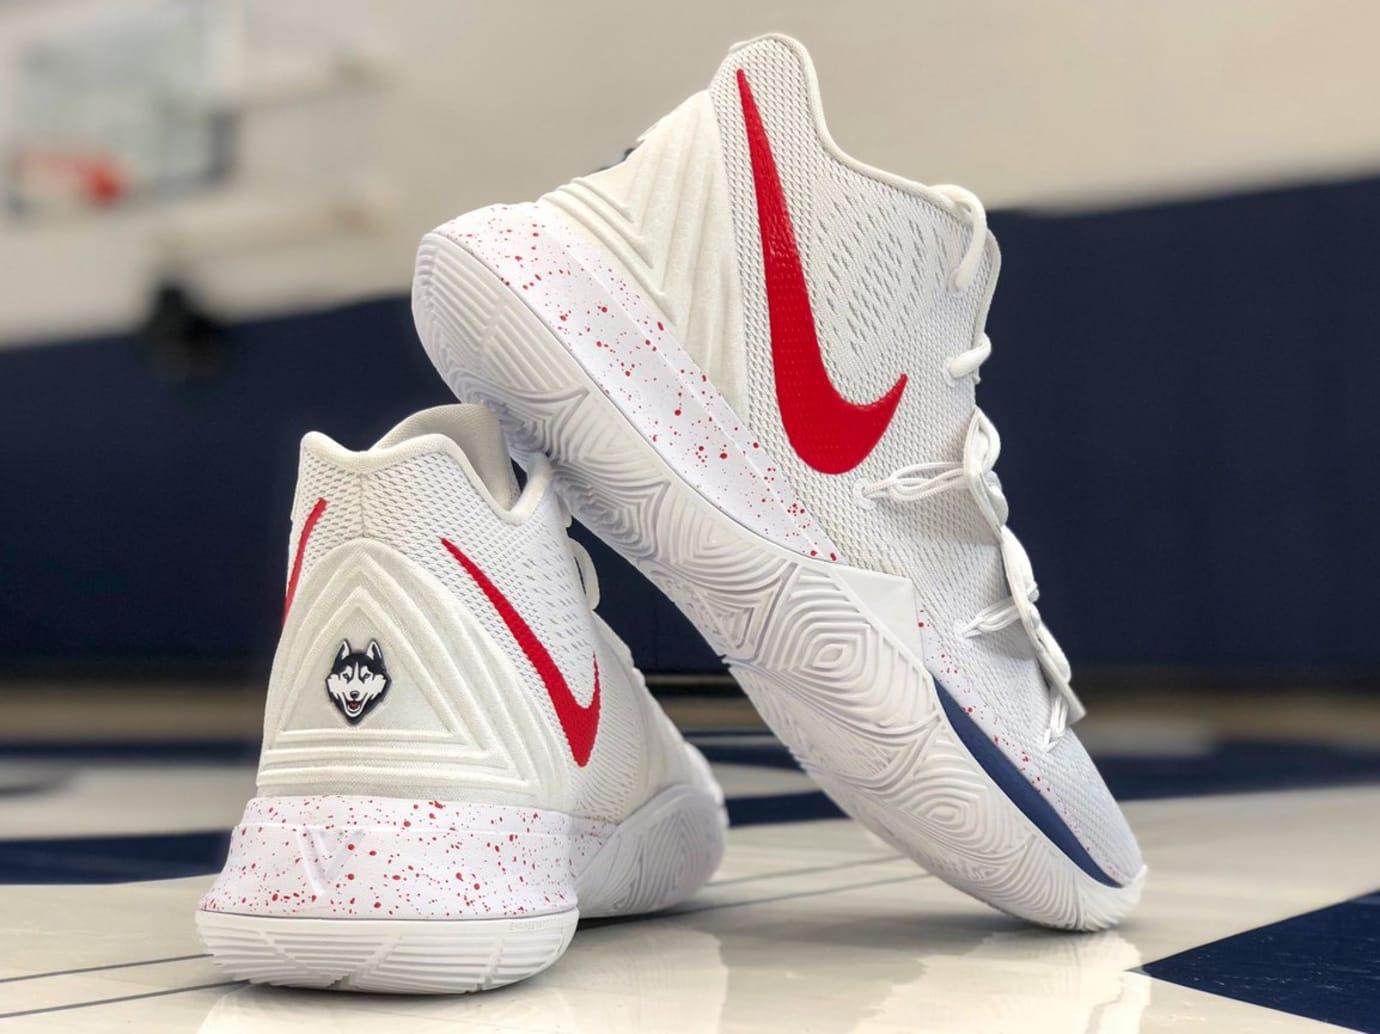 Nike Kyrie 5 'UCONN'